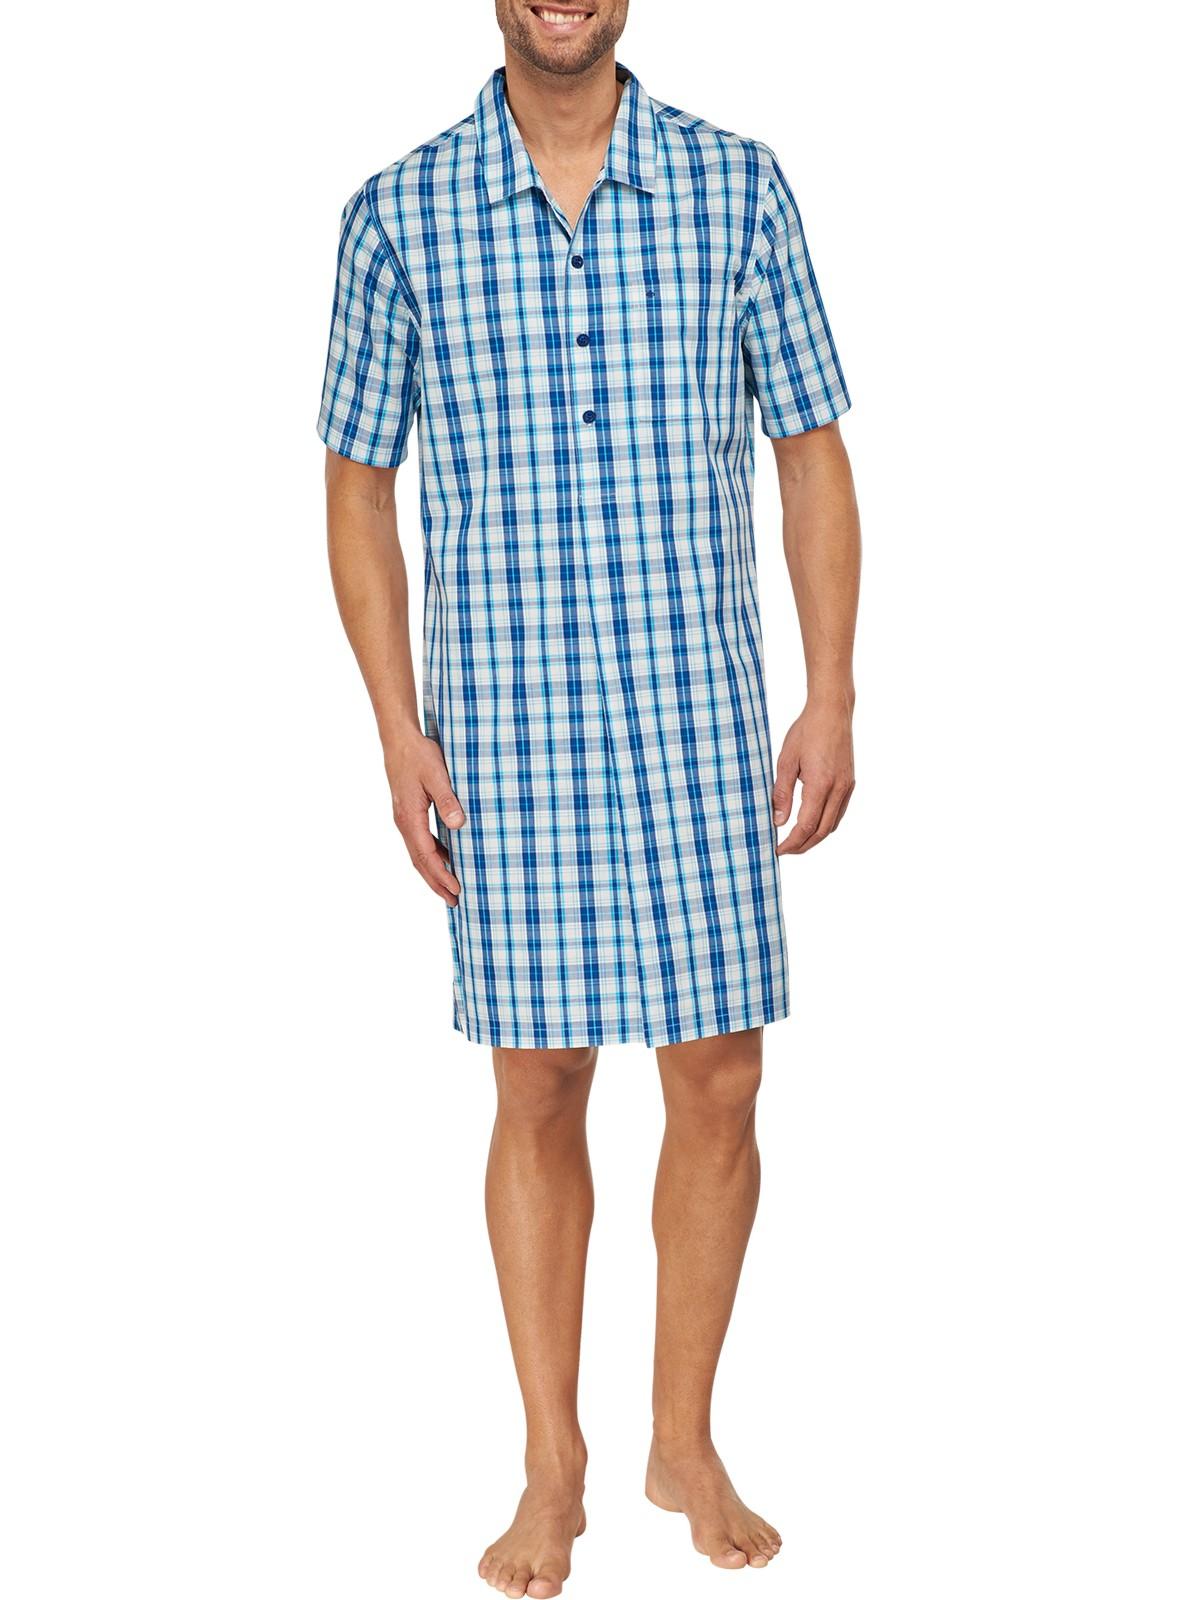 low priced 31fe9 c623c Seidensticker Herren Nachthemd Kurzarm 1/2 - 151416 | KAPS - Wäsche & mehr  - Schiesser - Marc O'Polo - Seidensticker - Lacoste